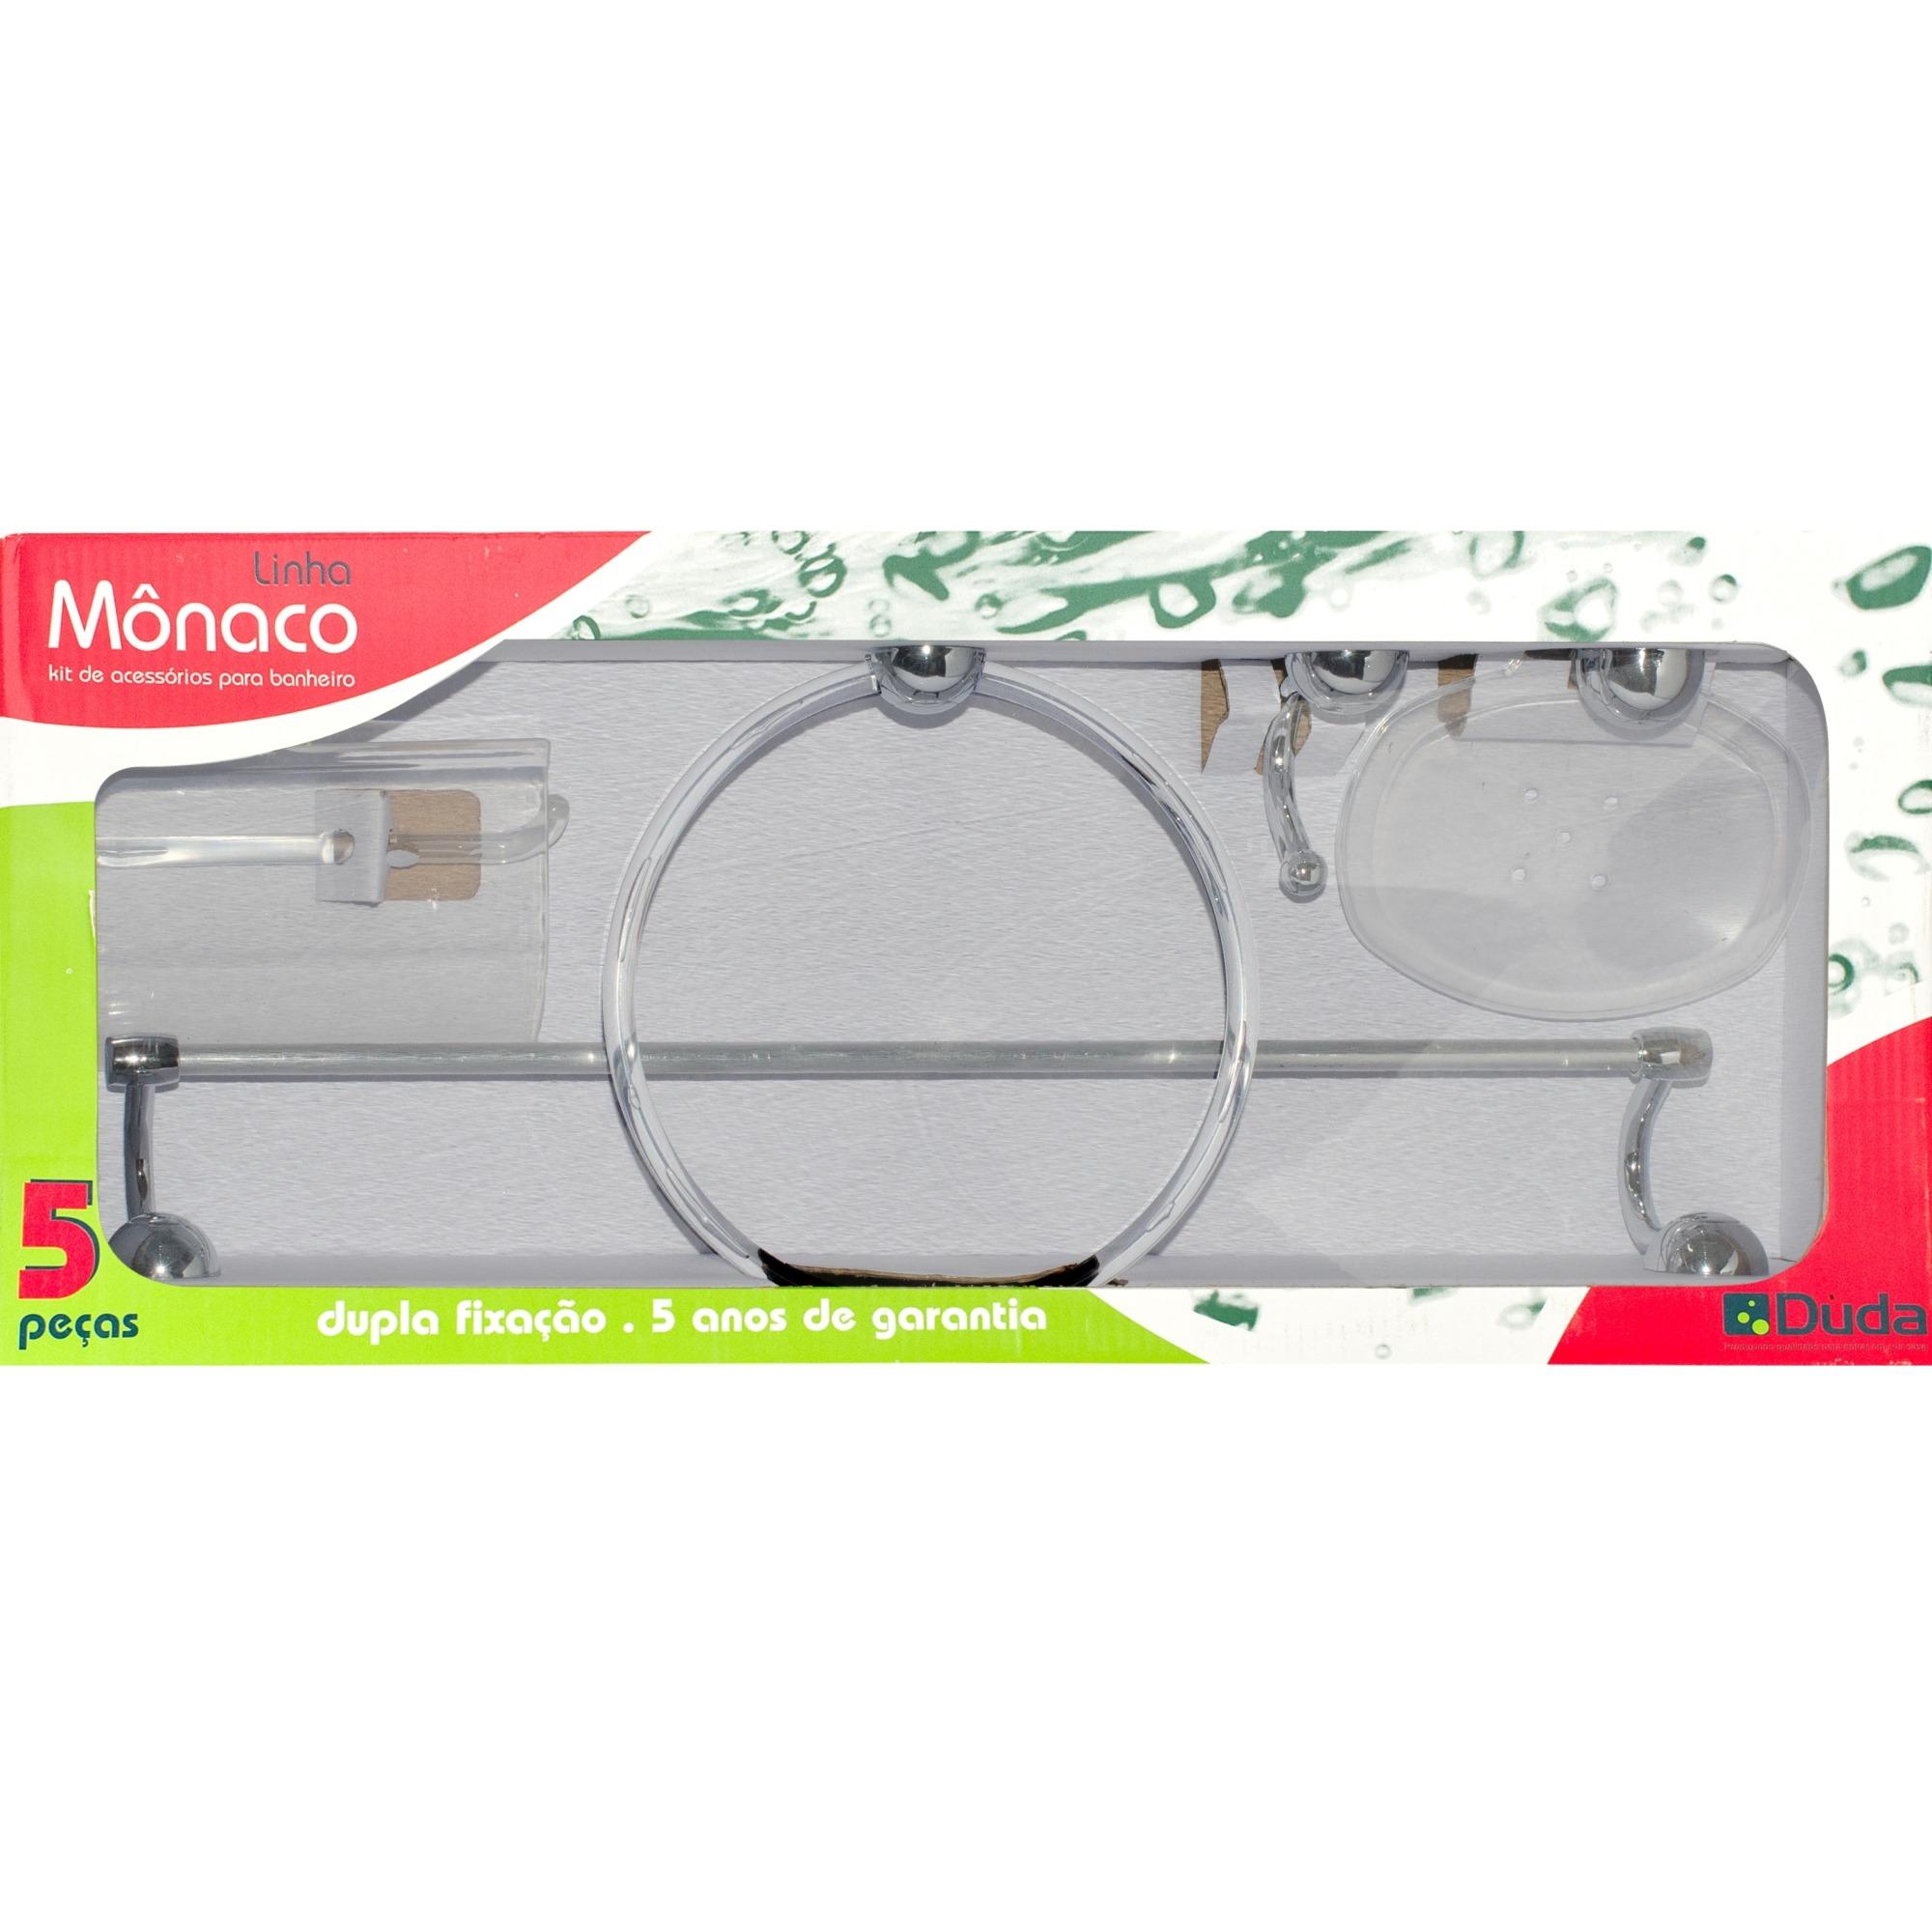 Kit De Acessorios para Banheiro de Parede Plastico Abs 5 Pecas Incolor - Cristal Duda